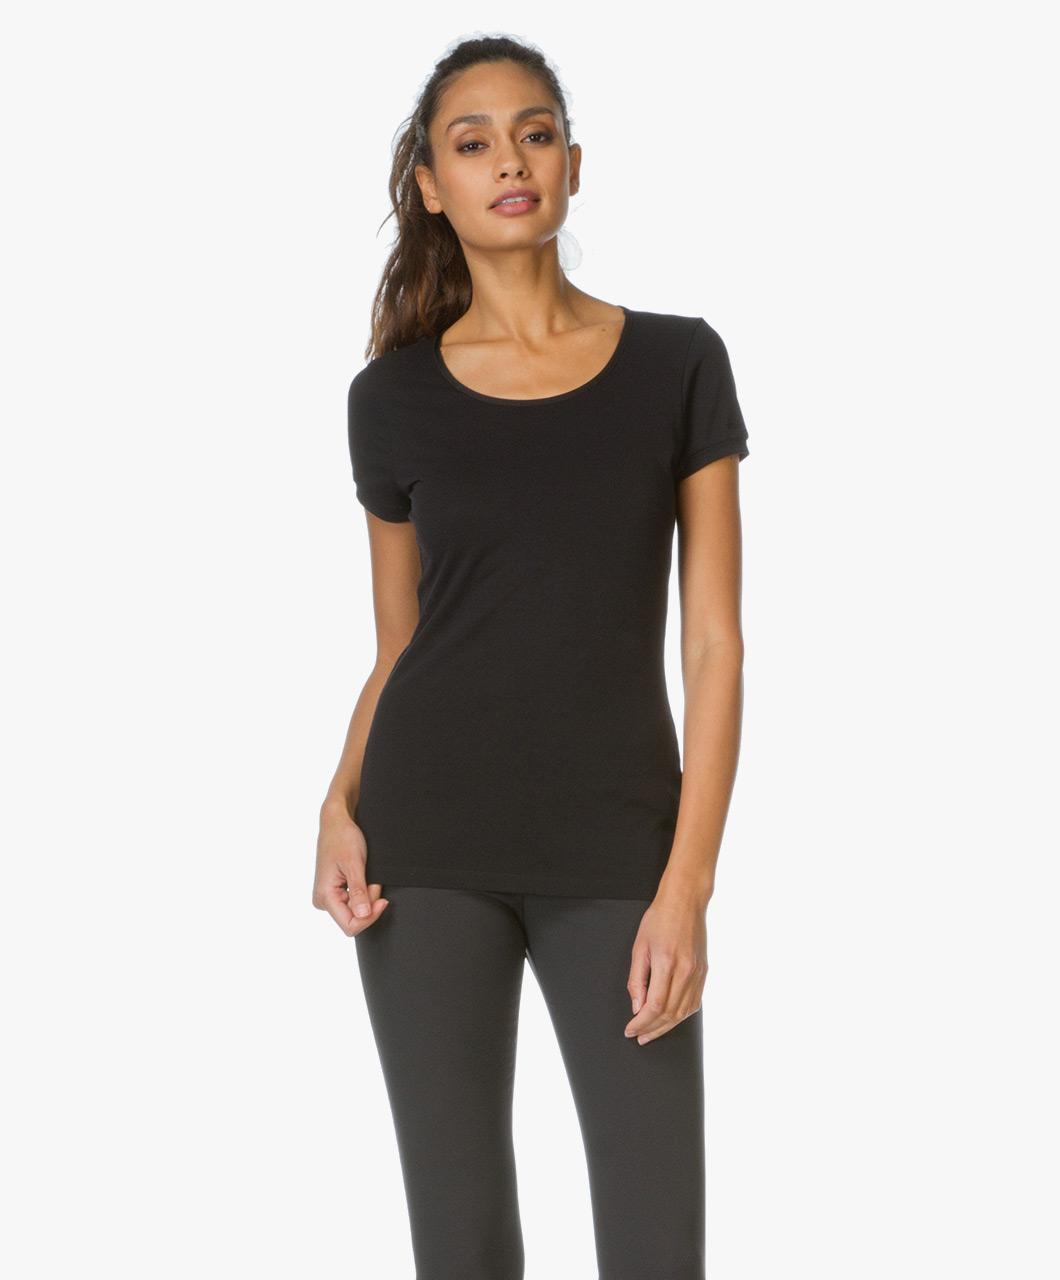 hugo debena slim fit t shirt black debena 10155003 001. Black Bedroom Furniture Sets. Home Design Ideas